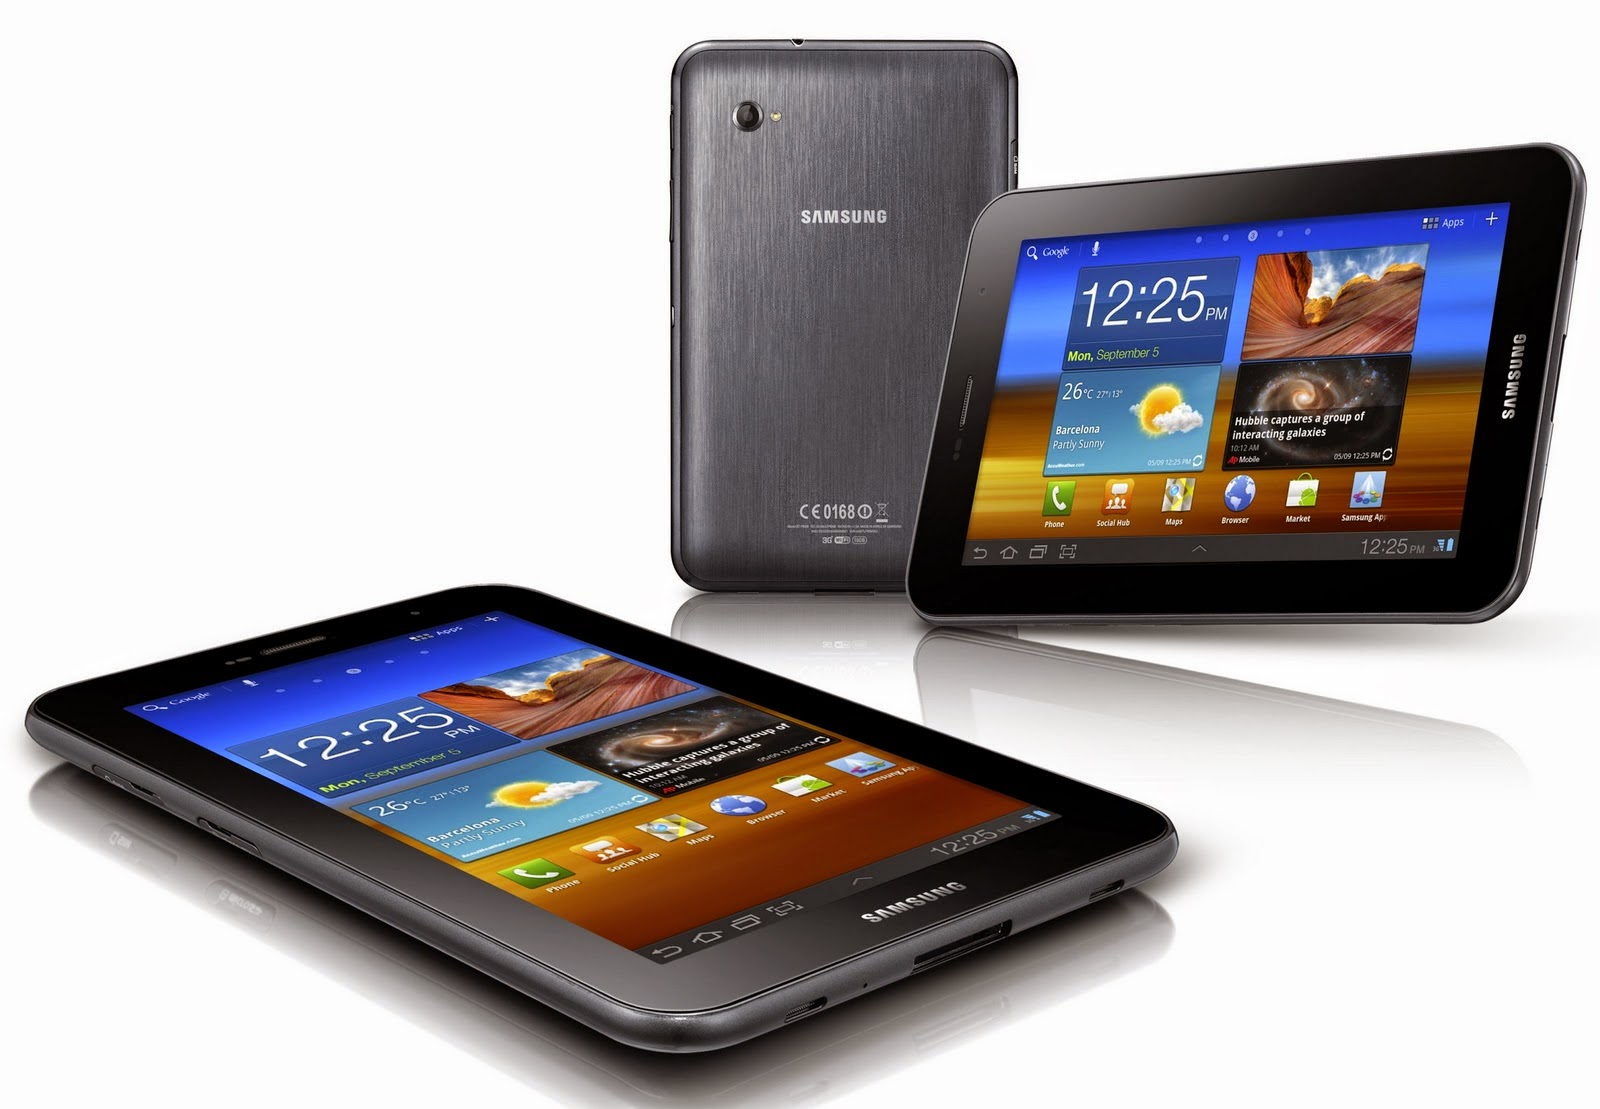 Harga Samsung Galaxy Tab 7 P-6200 Terbaru, Android HoneyComb